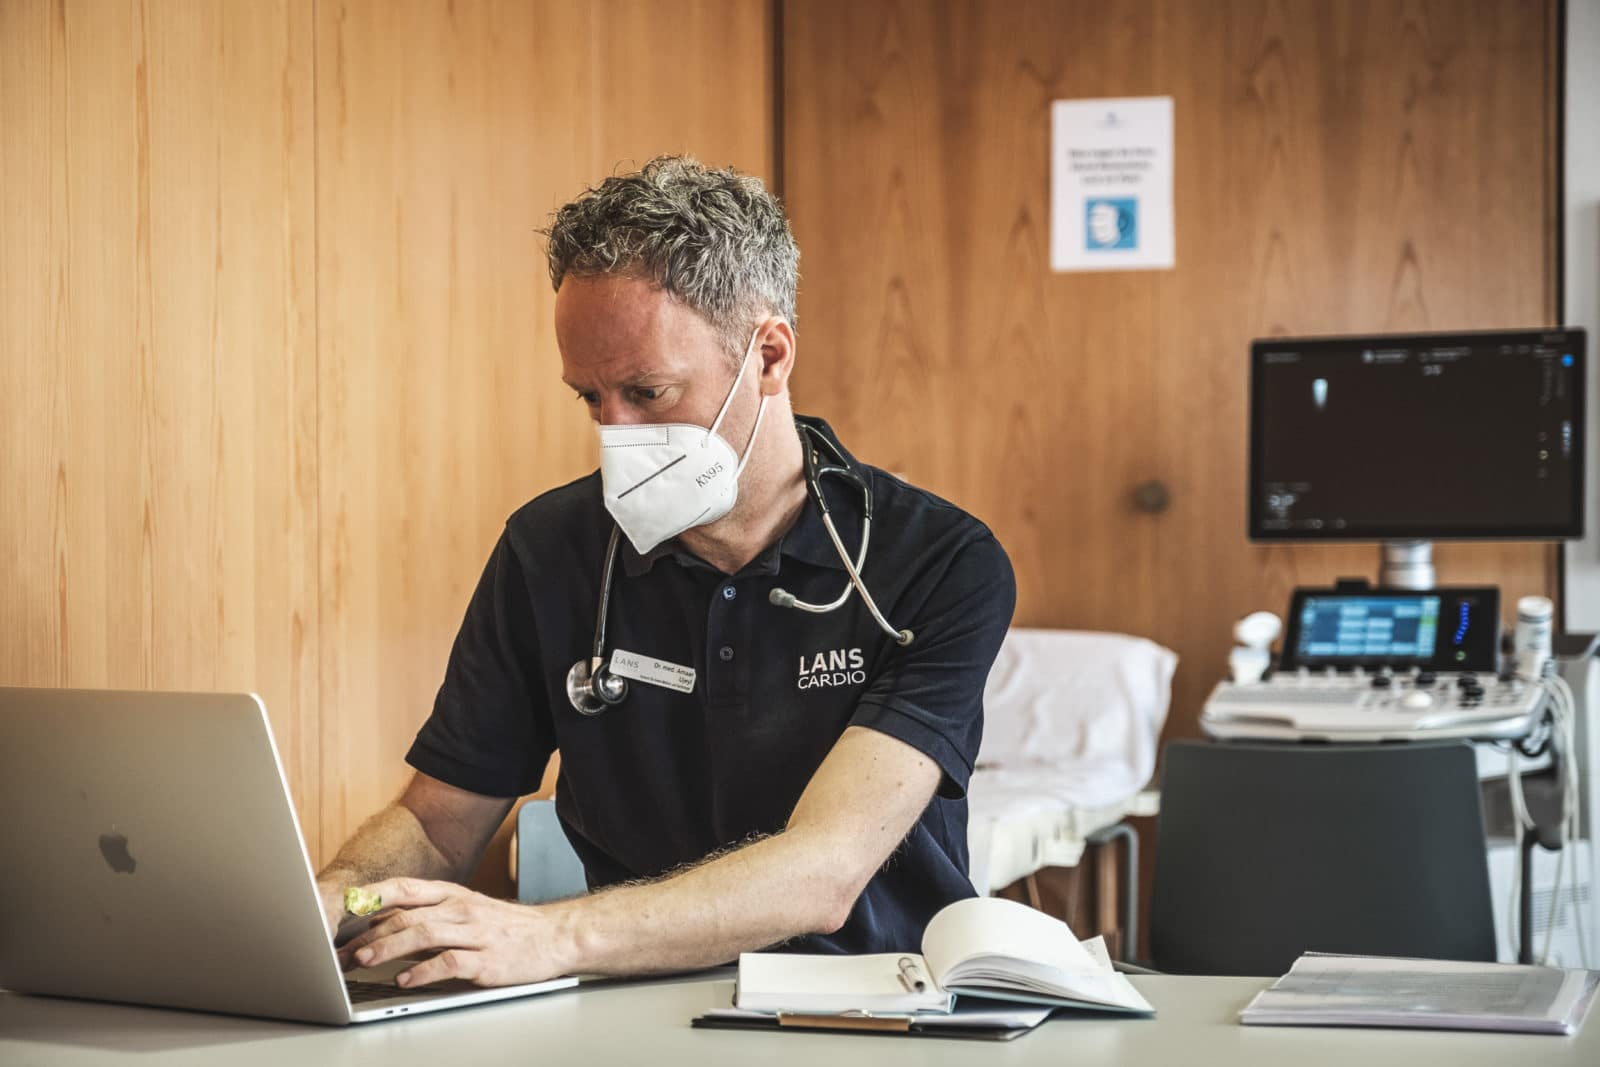 Am Schreibtisch sitzender Arzt tippt konzentriert am Laptop